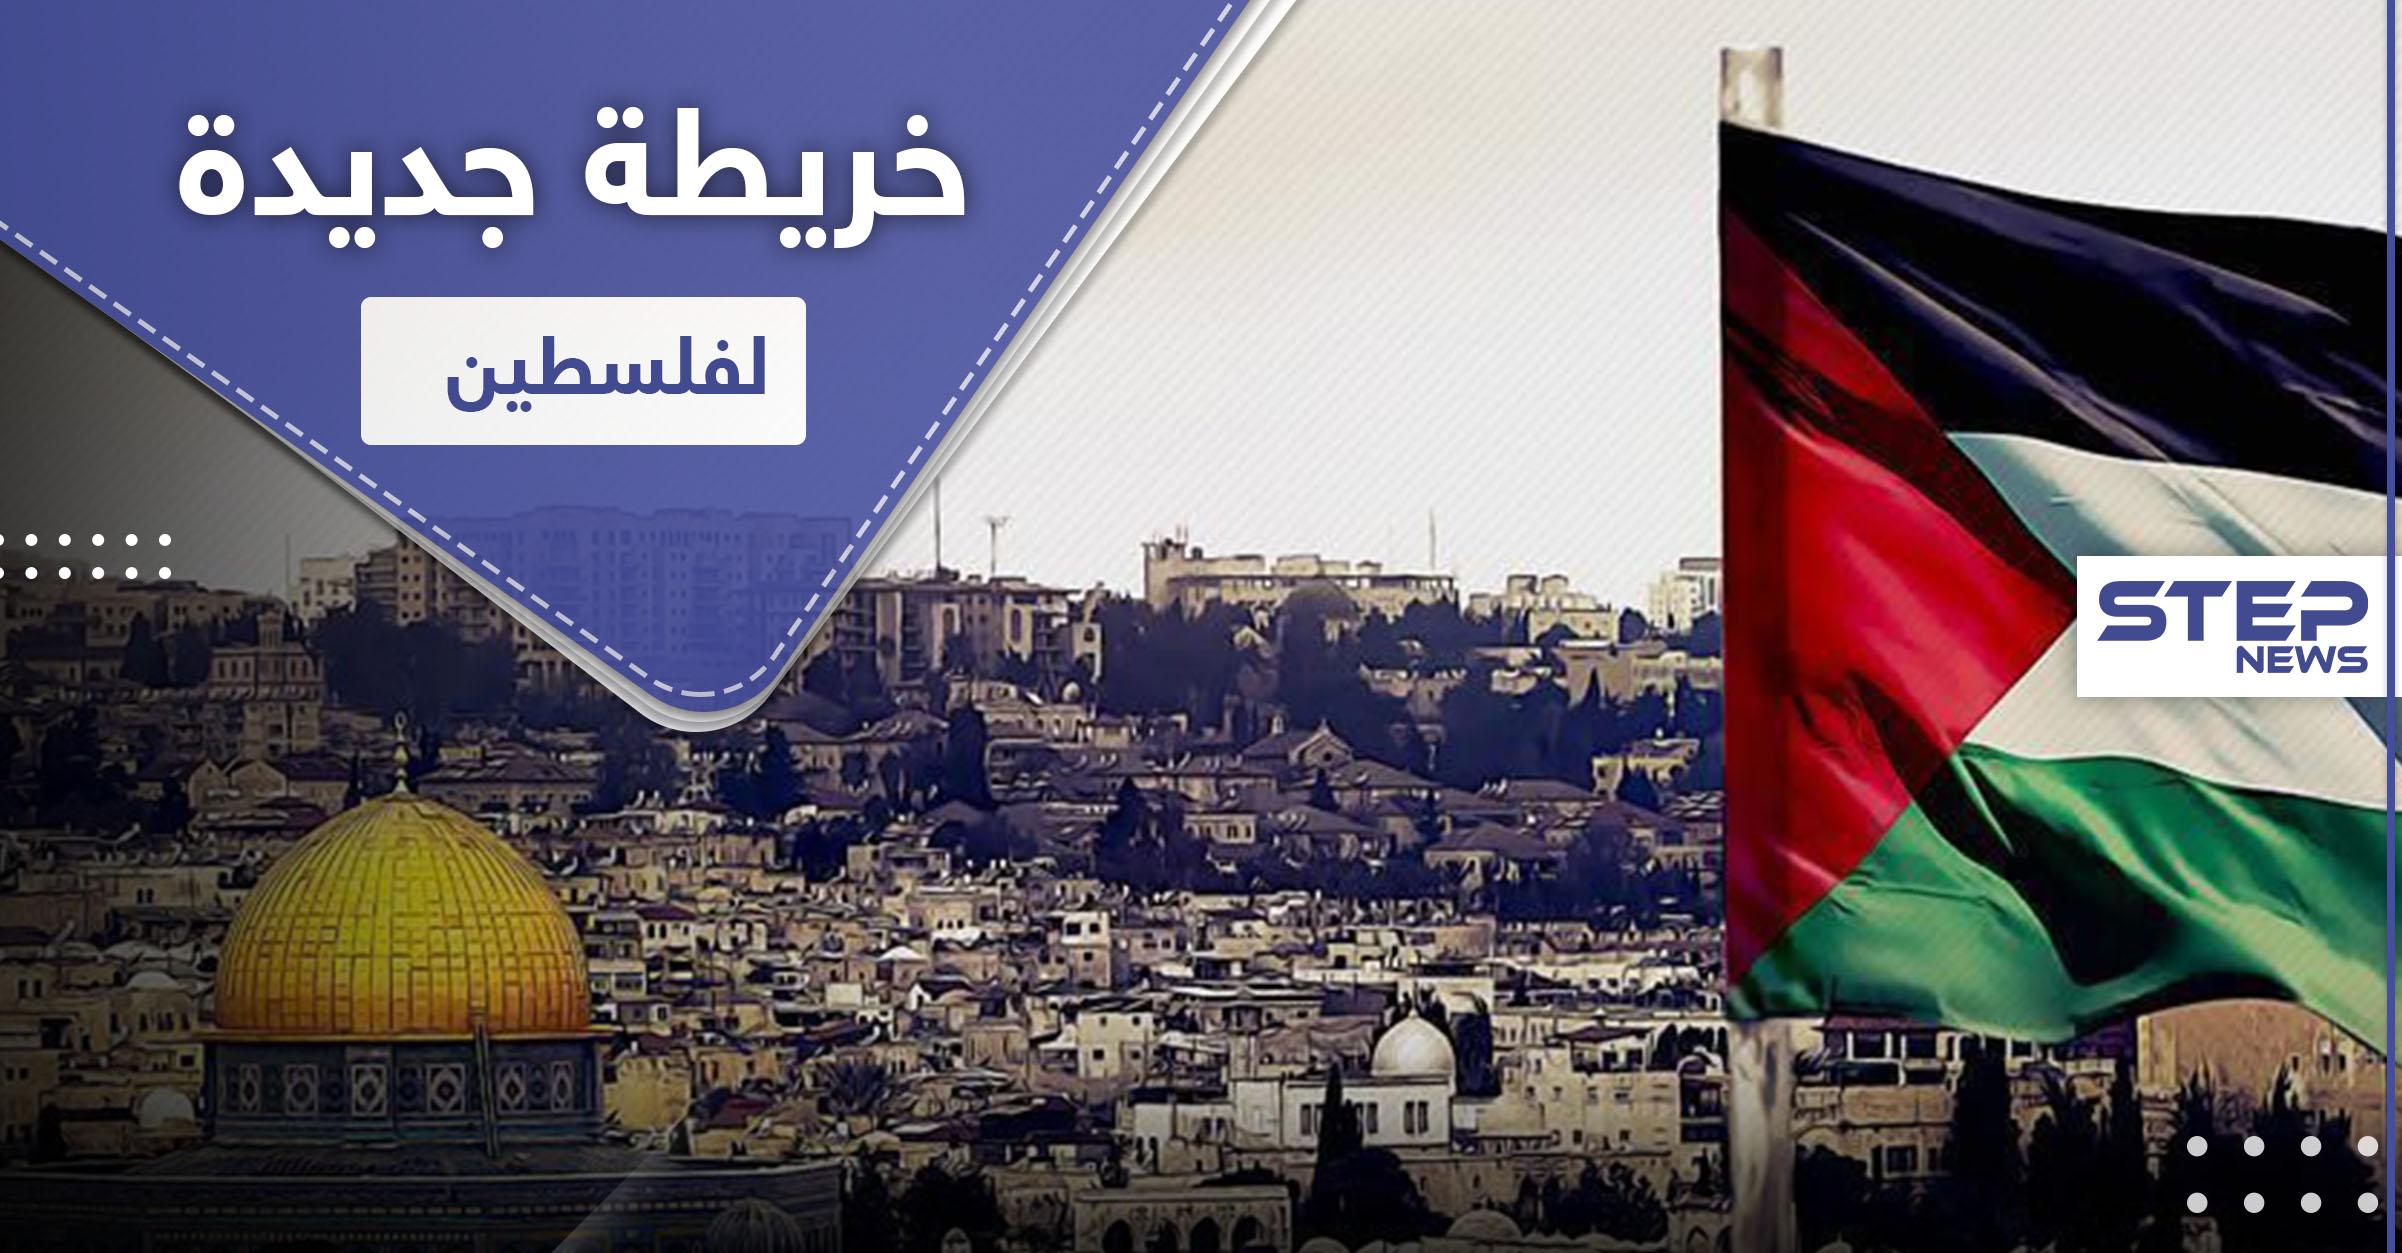 خريطة جديدة لـ فلسطين